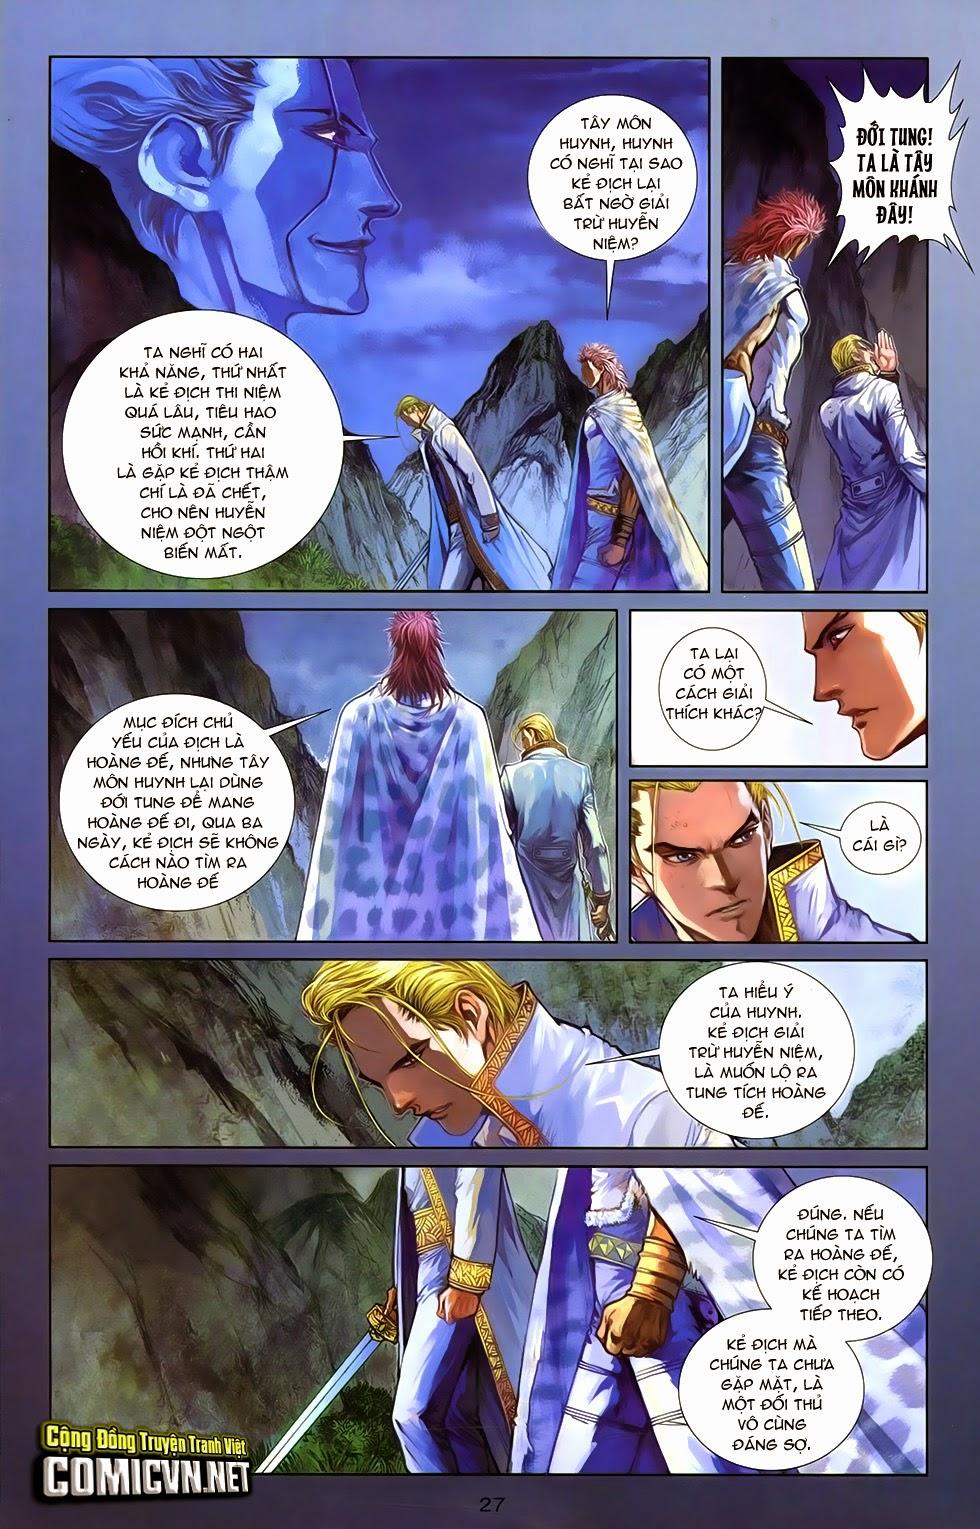 108 - Tân Thuỷ Hử  Chap 13a - Truyenmoi.xyz